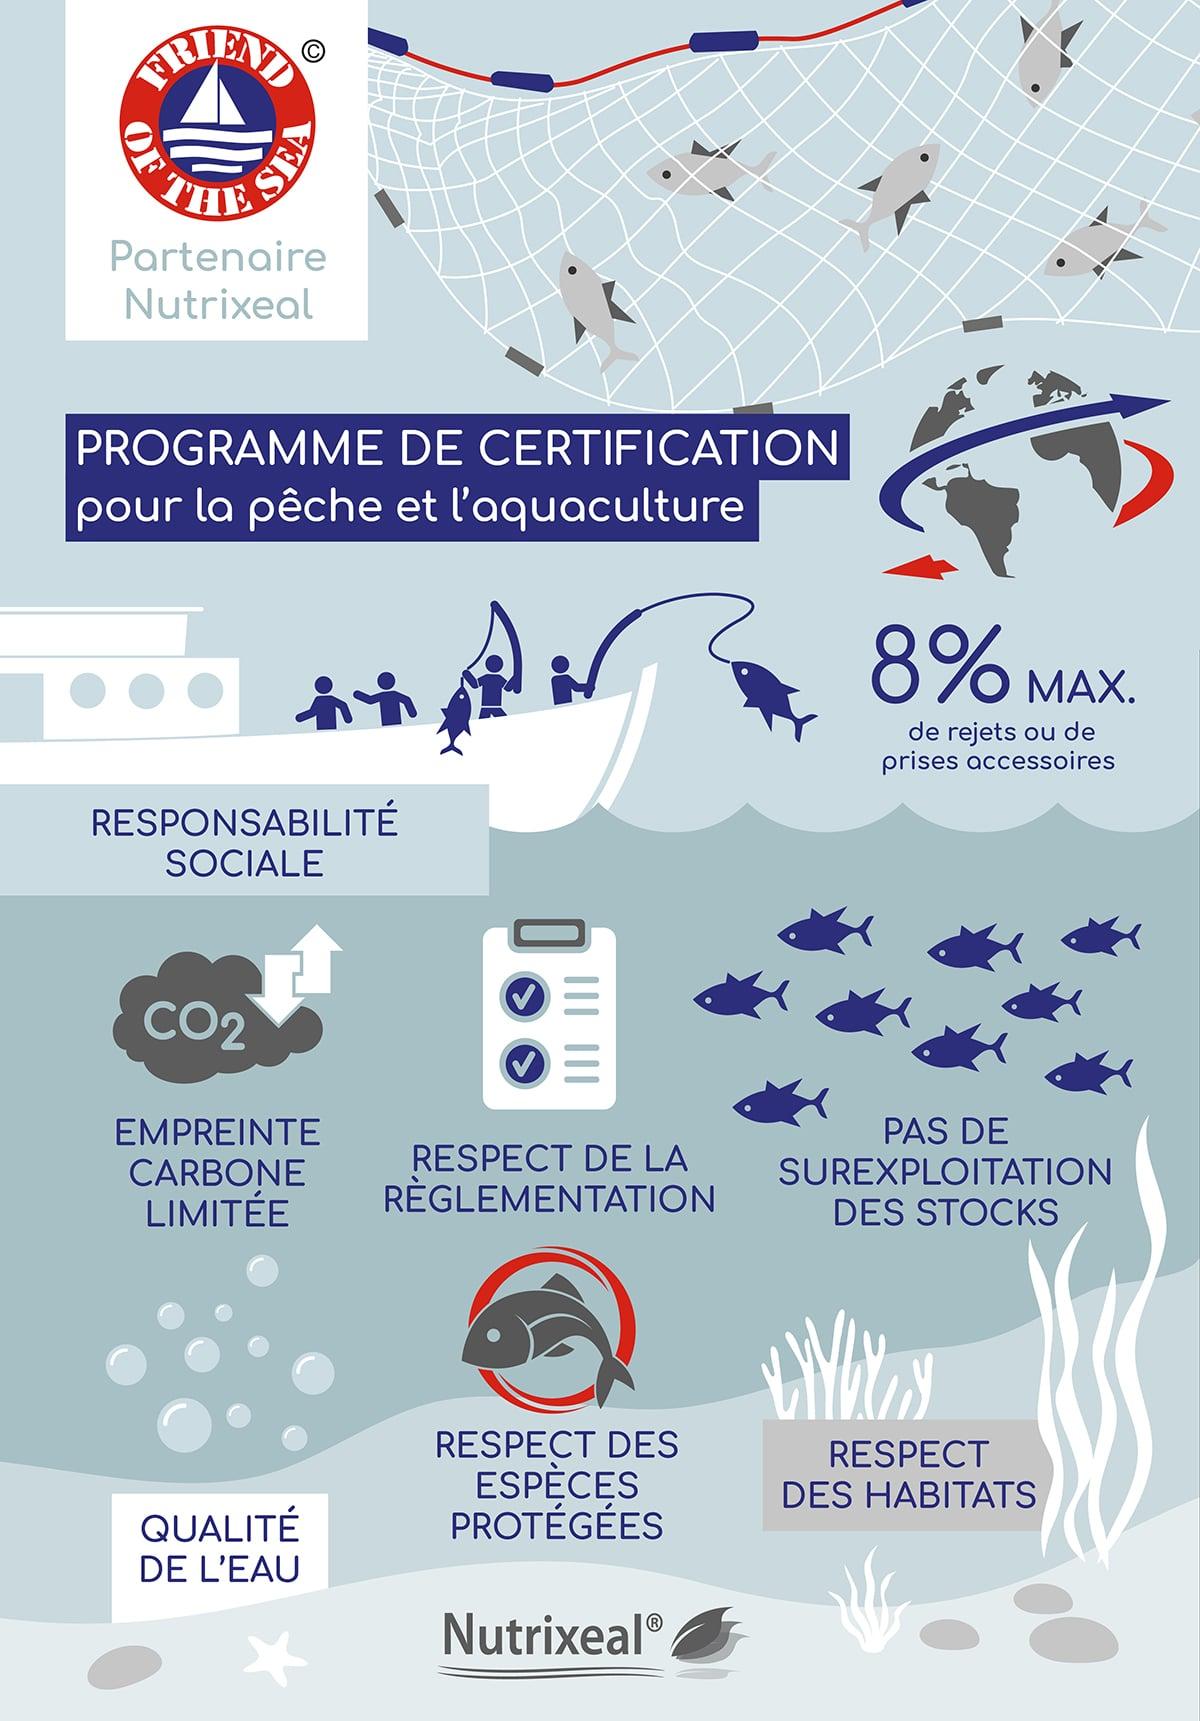 Friend of the sea, la garantie d'une exploitation écoresponsable des ressources marines.